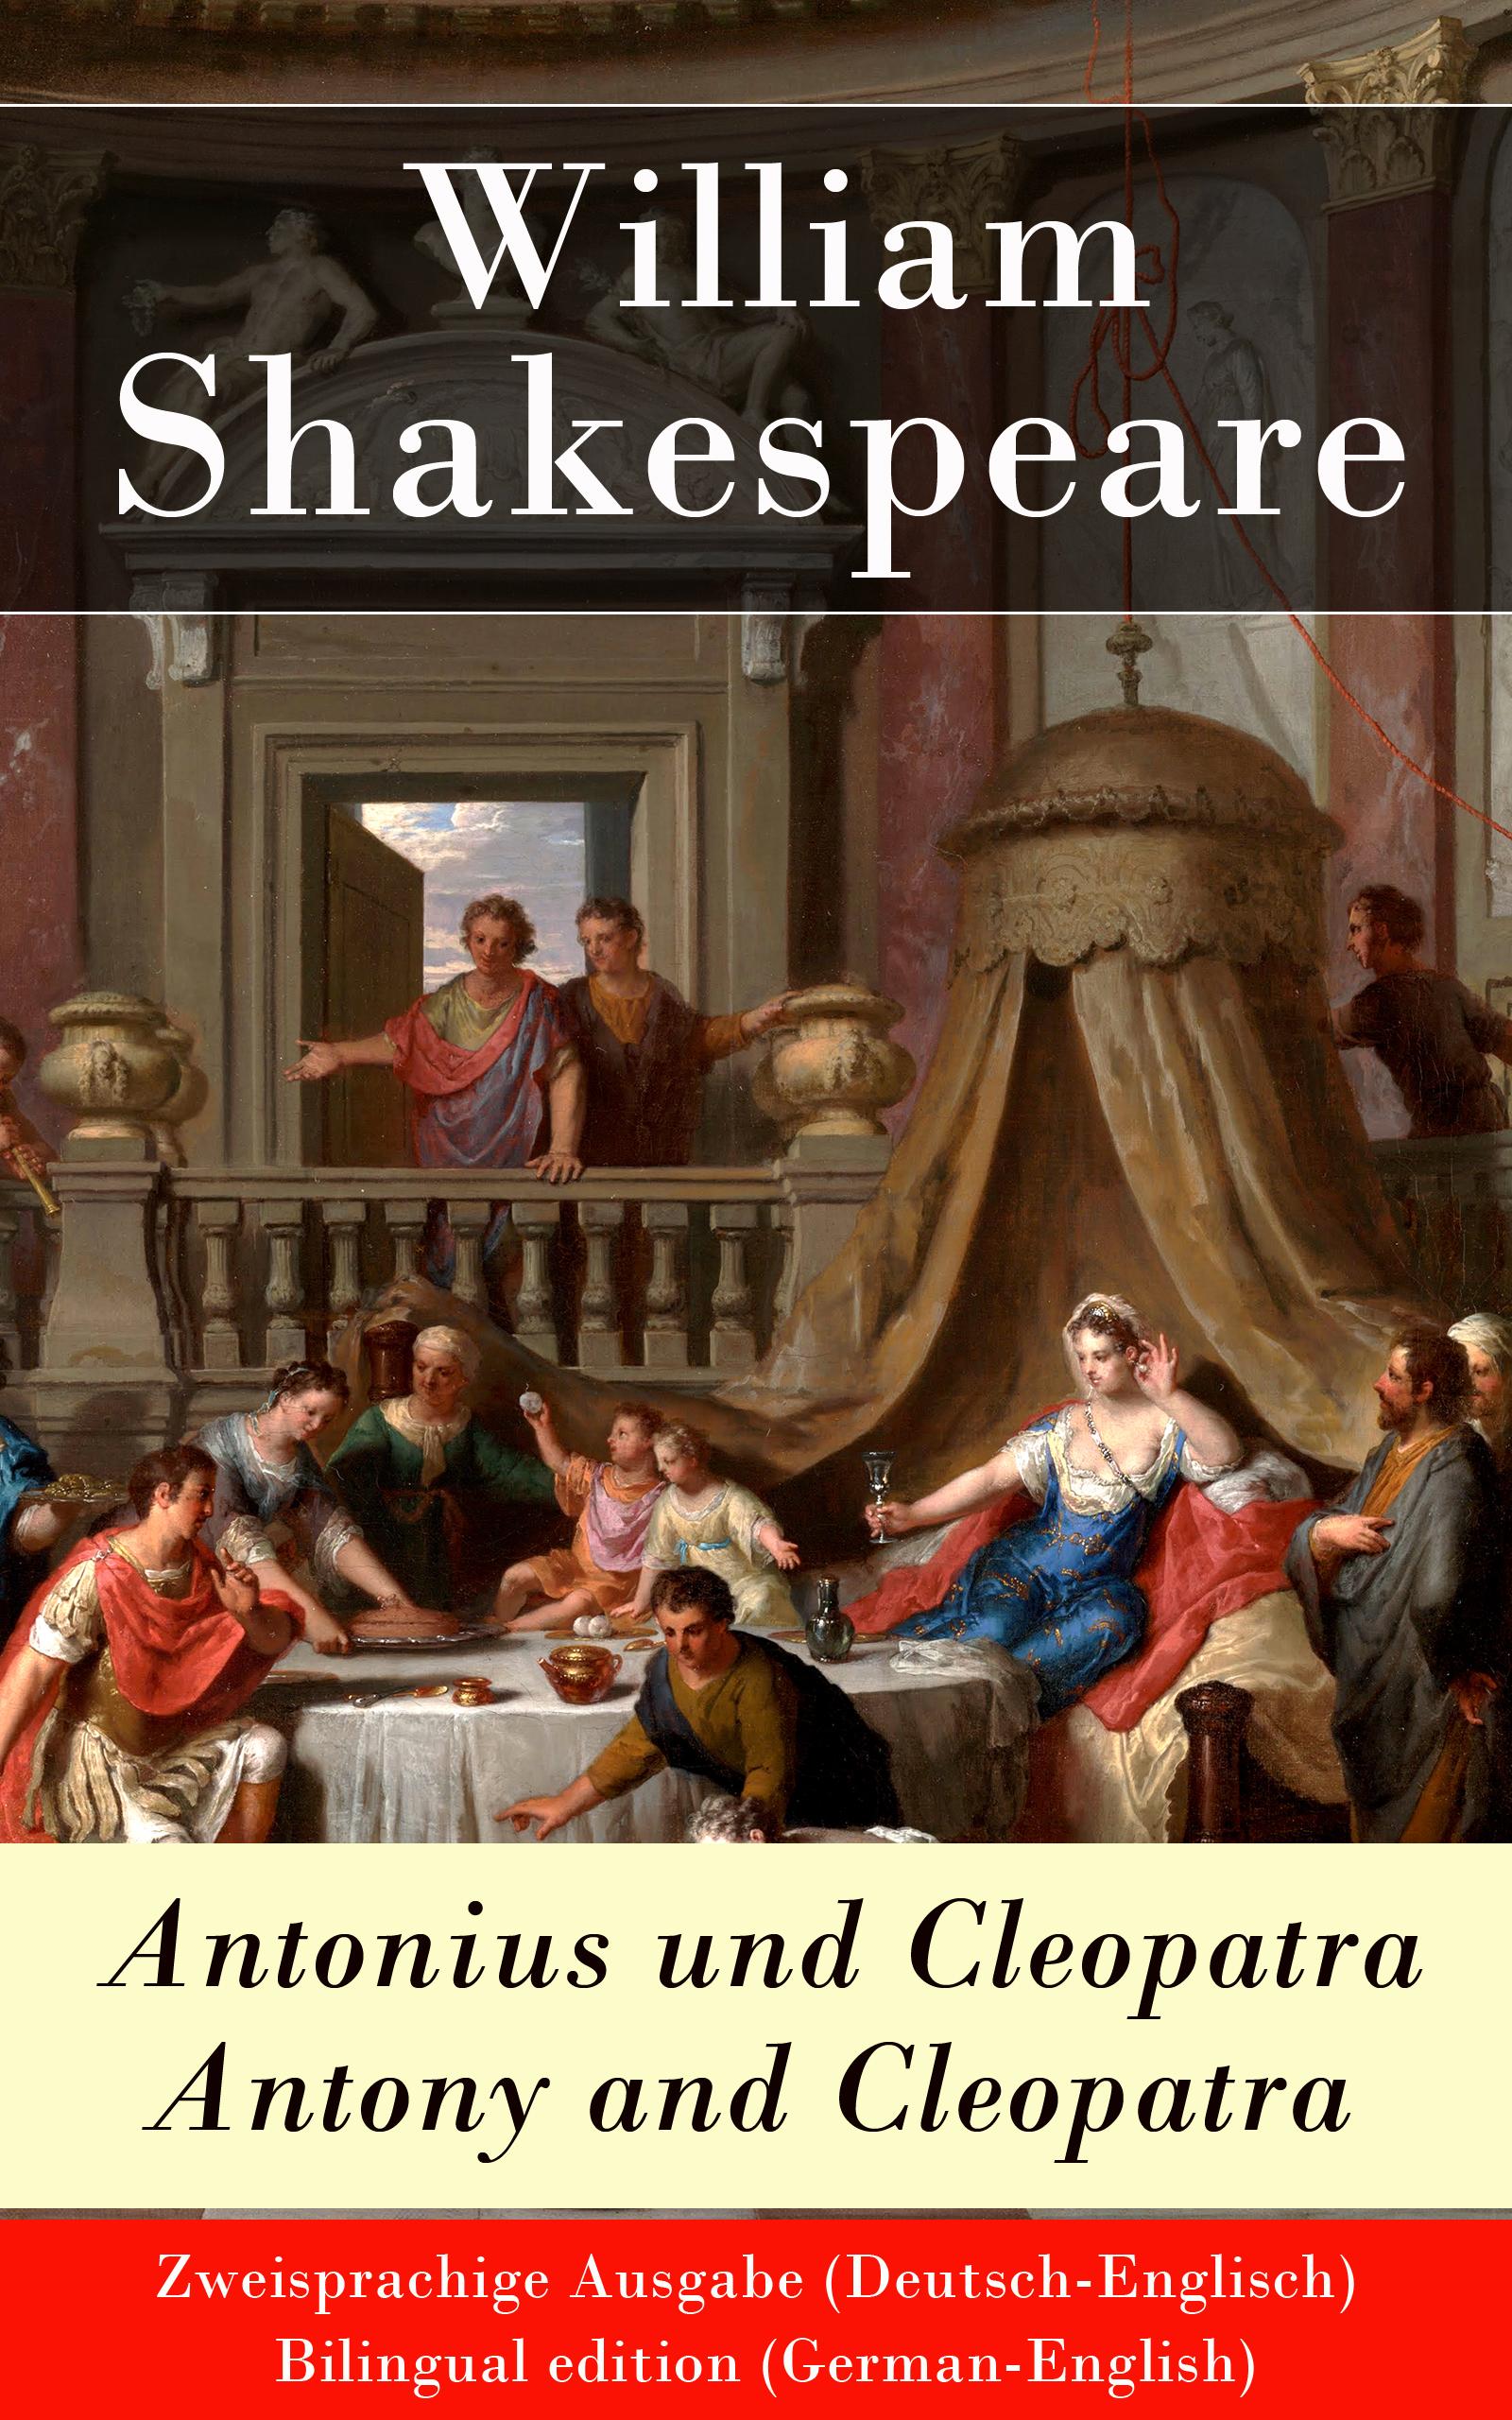 цена Уильям Шекспир Antonius und Cleopatra / Antony and Cleopatra - Zweisprachige Ausgabe (Deutsch-Englisch) / Bilingual edition (German-English) онлайн в 2017 году